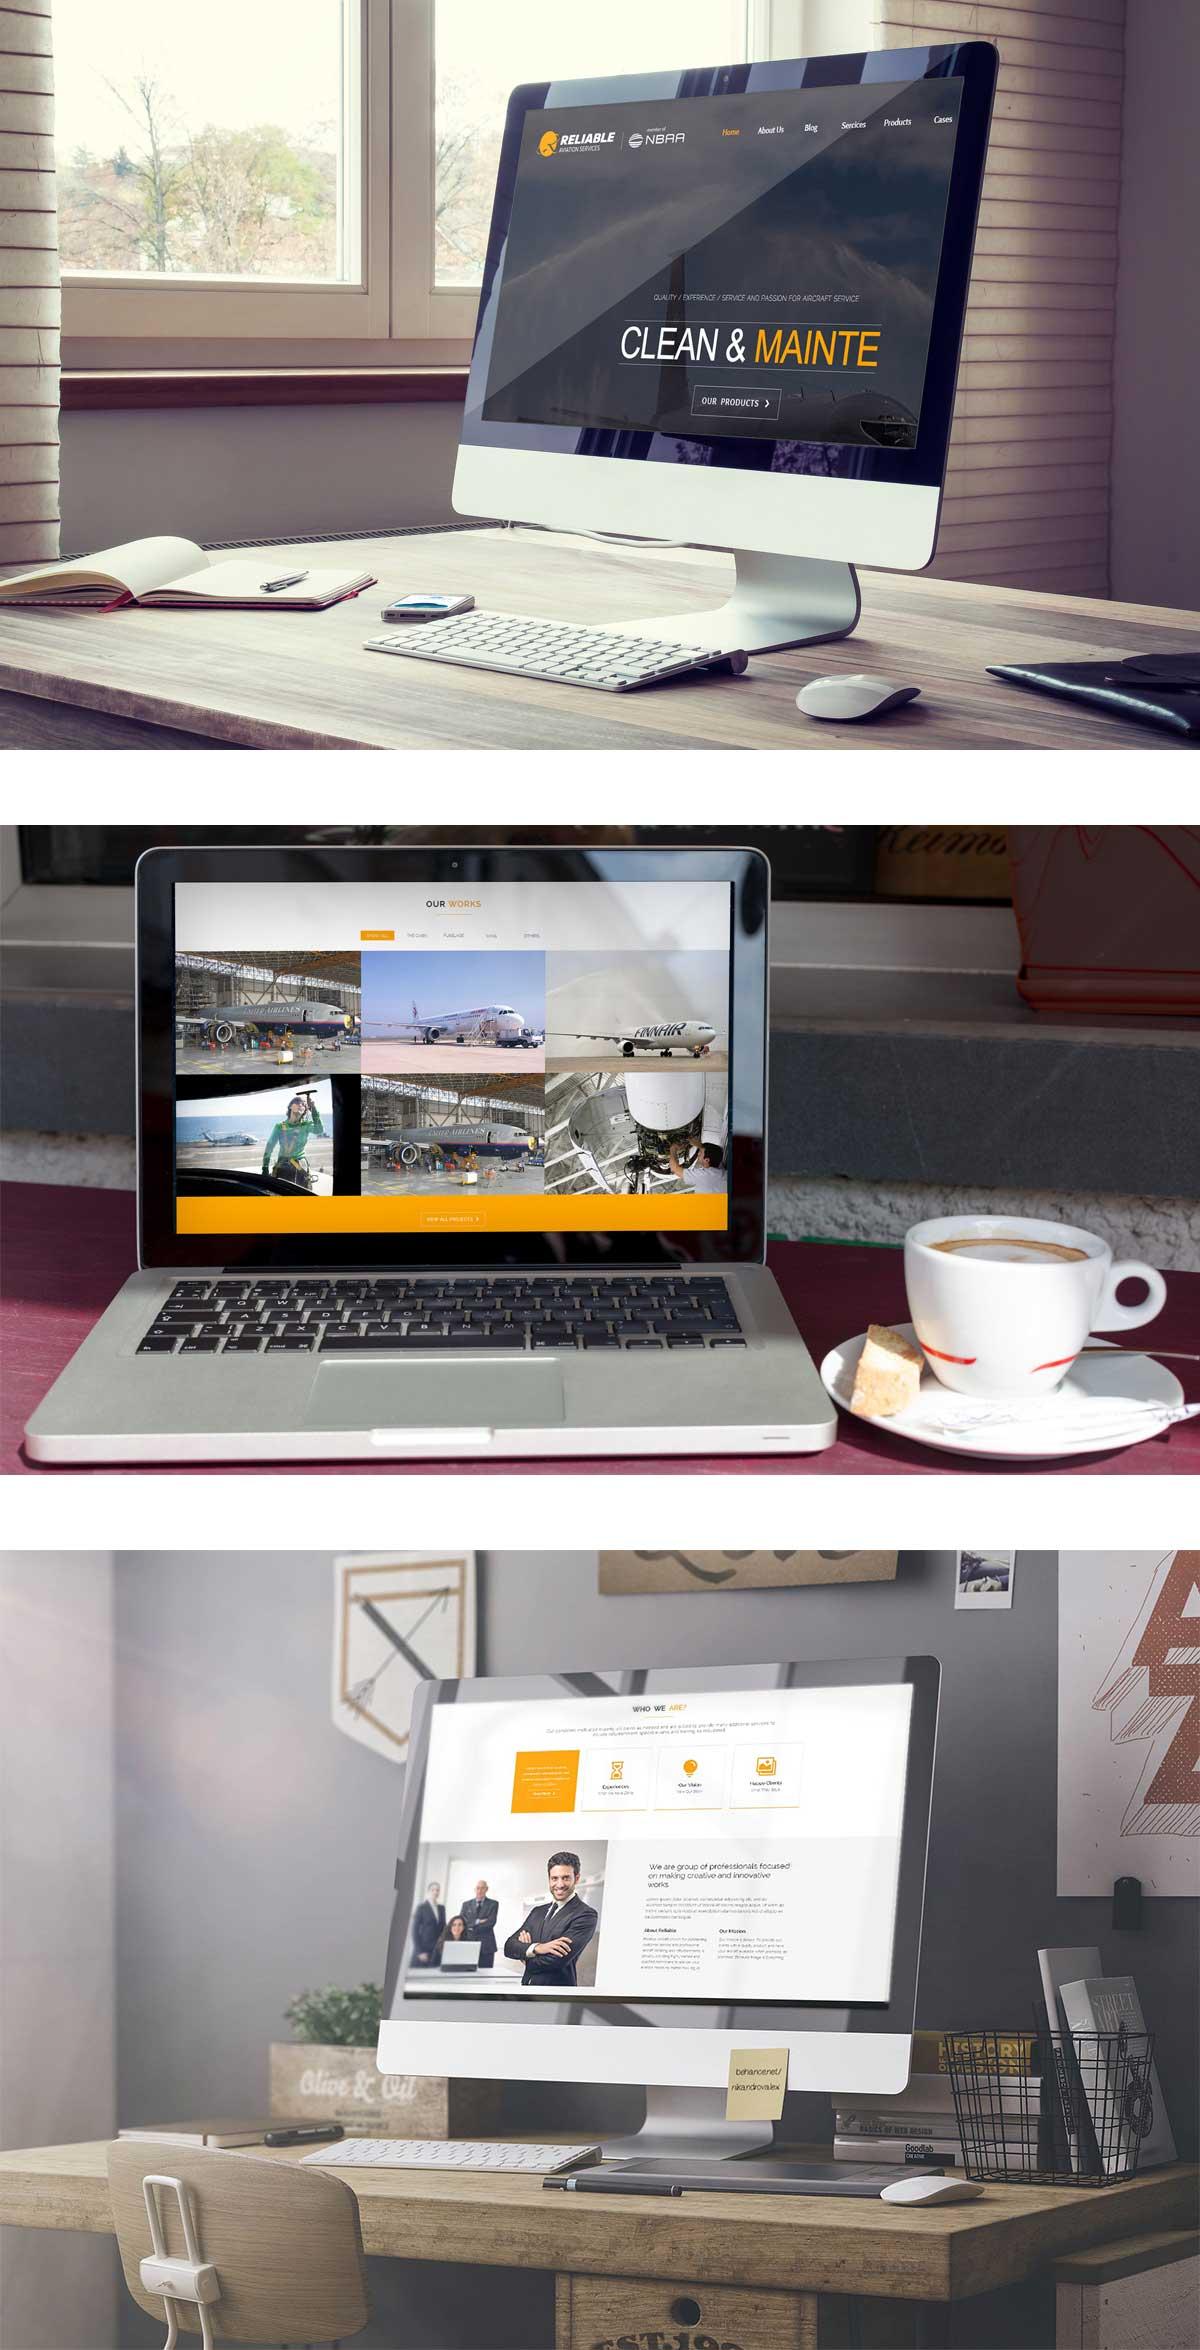 飞机保养网站设计效果图